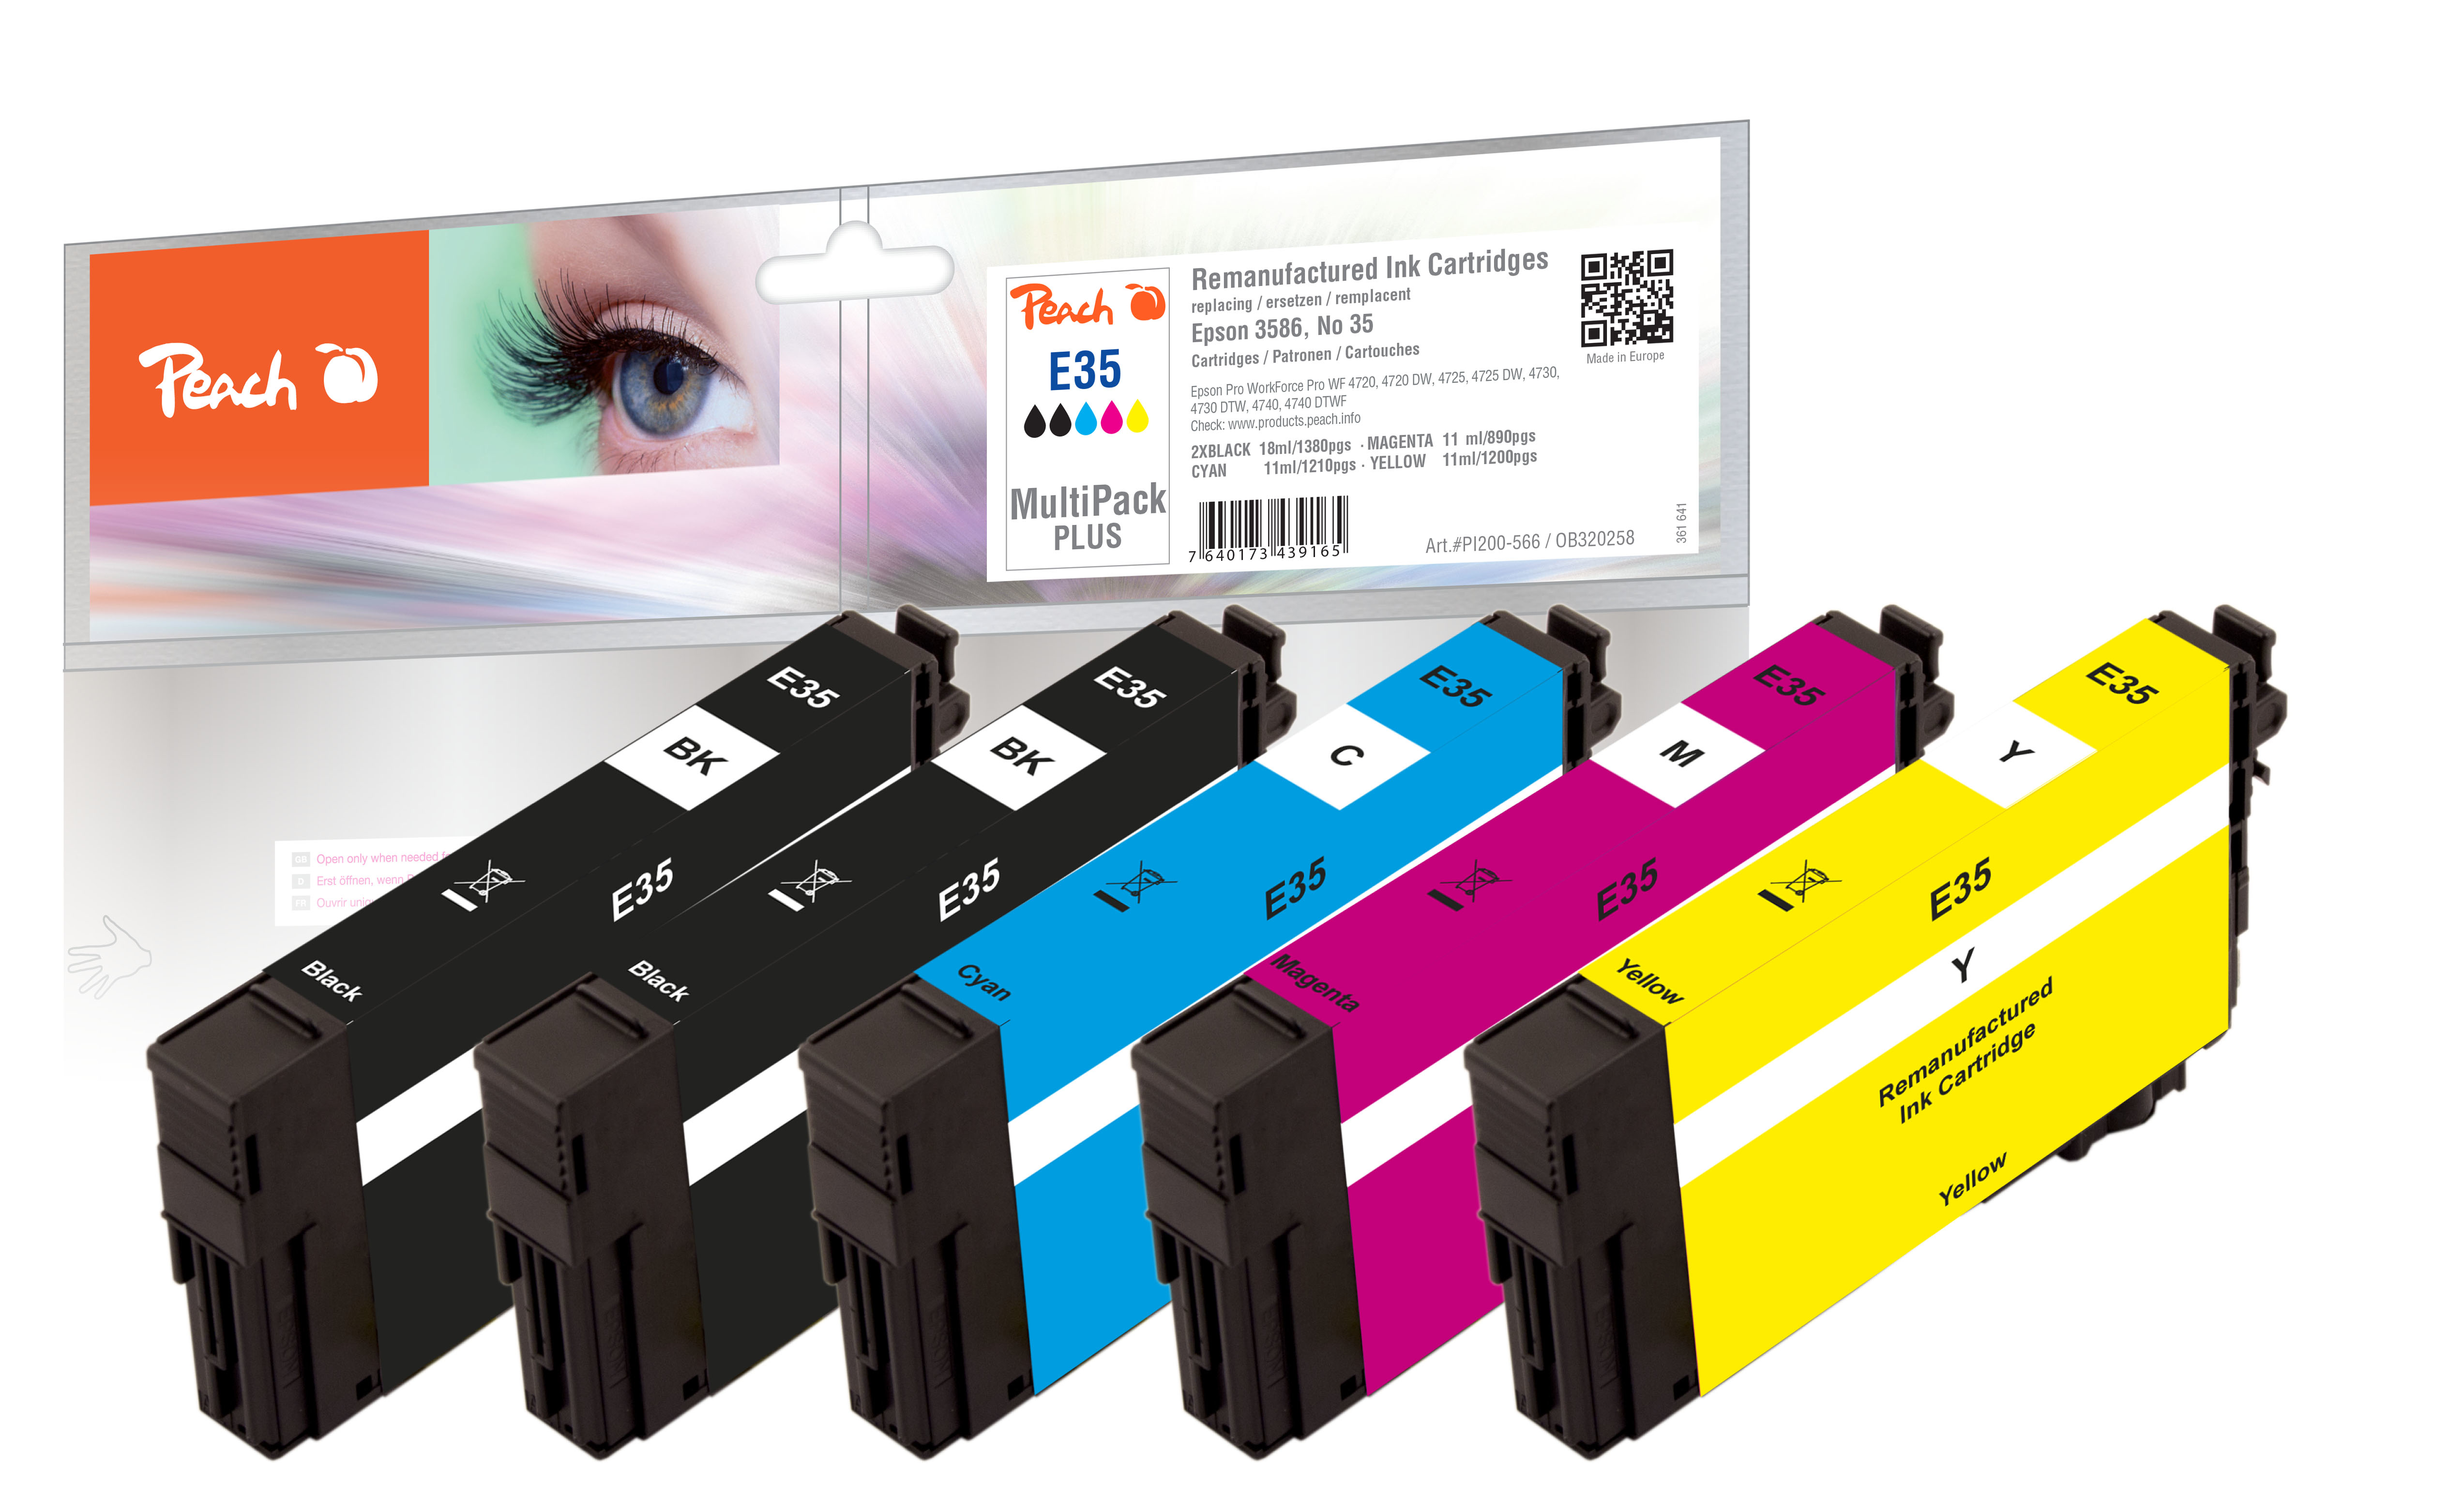 Peach PI200-566 - Compatible - Schwarz - Cyan - Magenta - Gelb - Epson - 5 Stück(e) - 18 ml - 11 ml